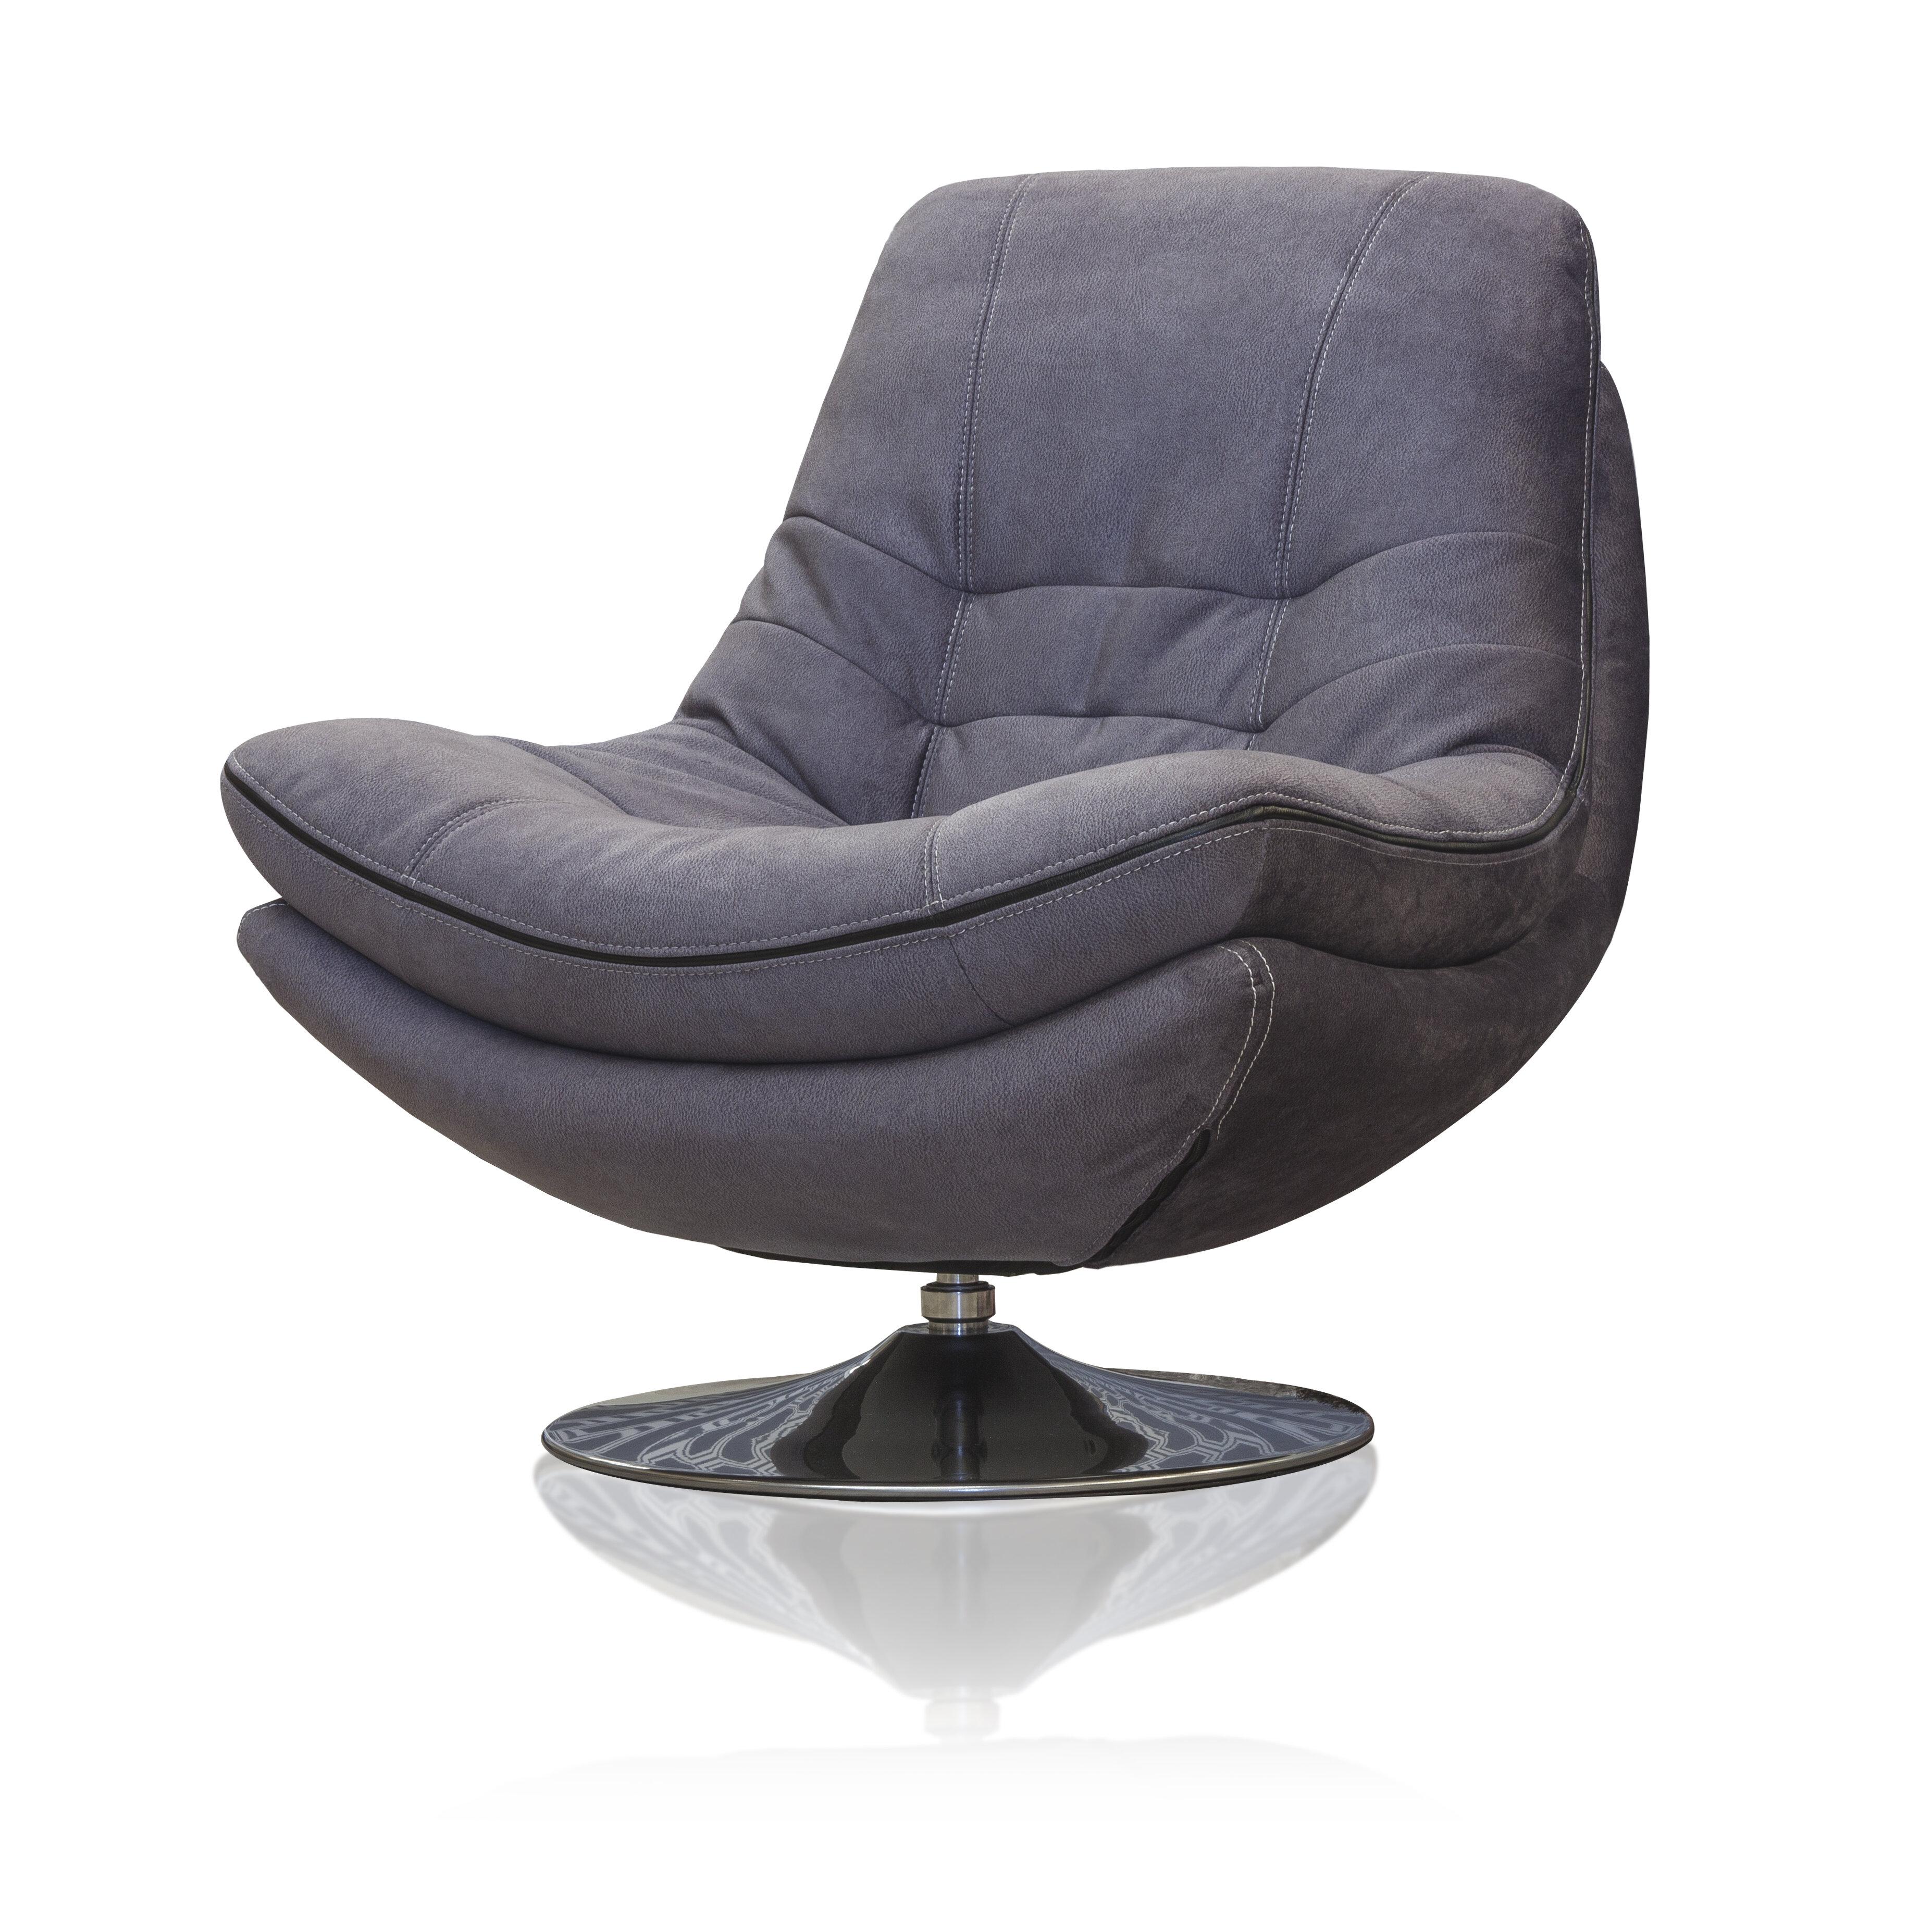 Emilio Fabric Sofa - Dark Grey 3